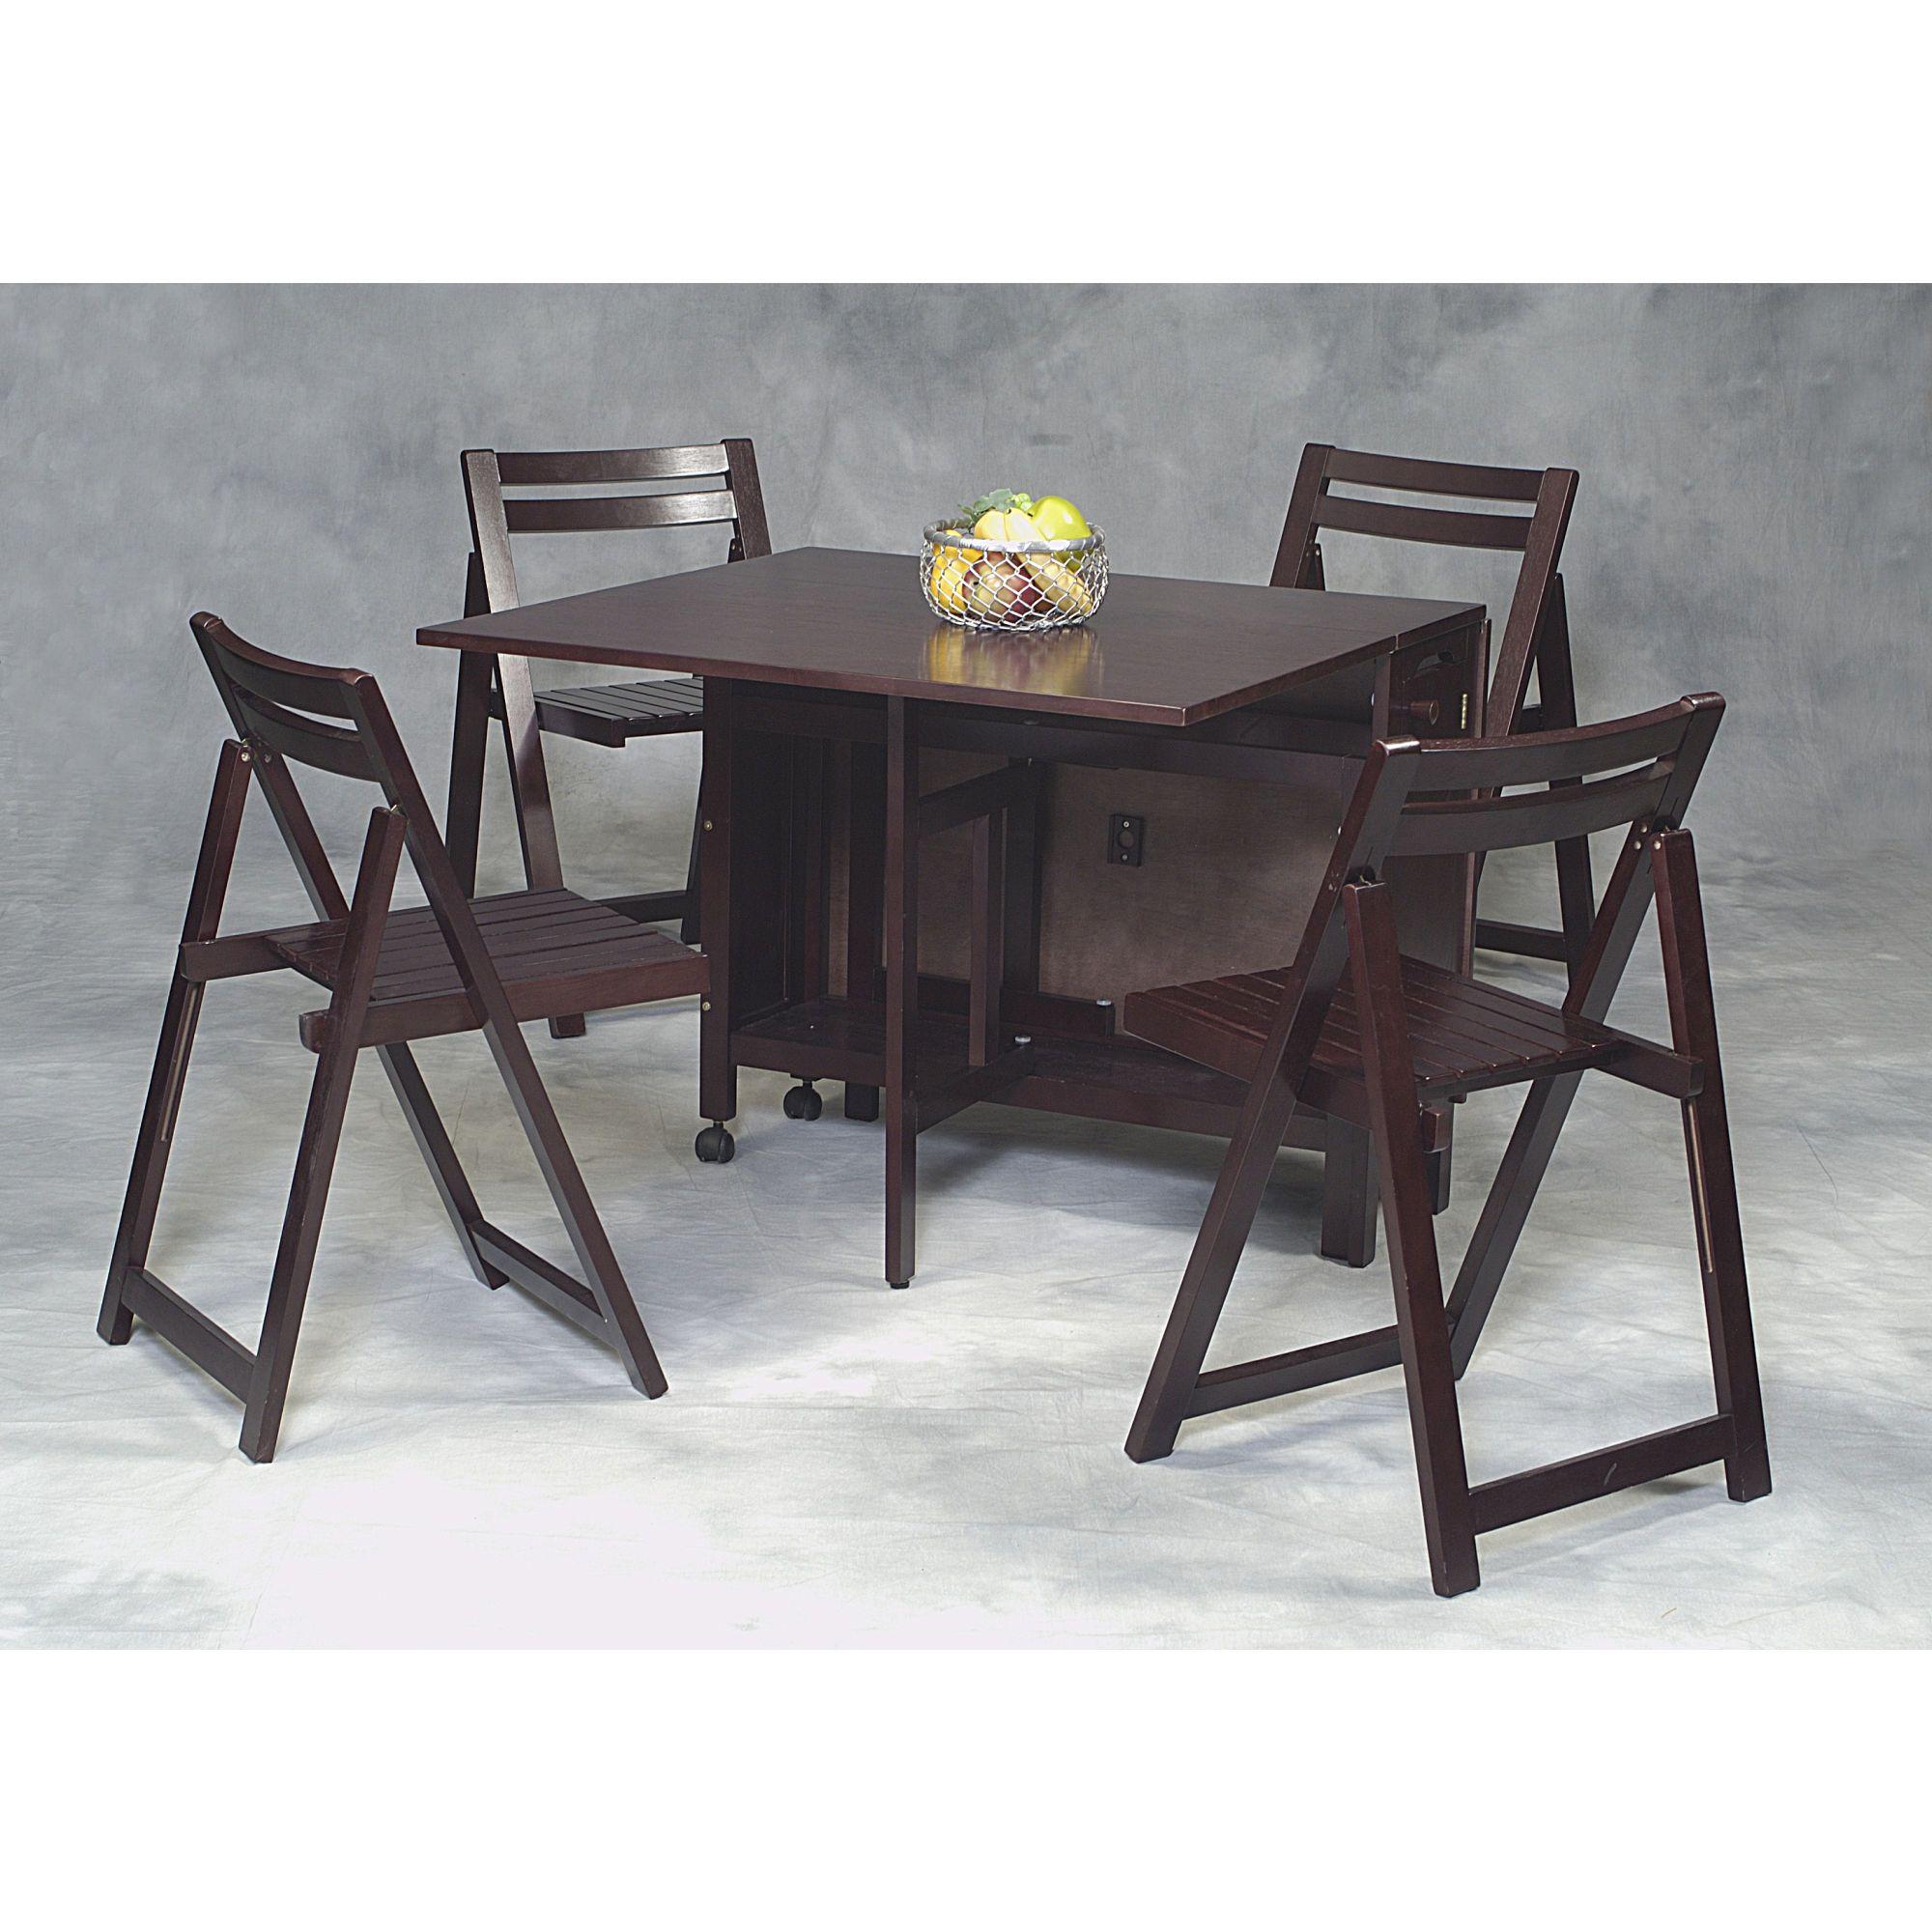 Kitchen bistro set  Linon Space Saver  Piece Kitchen Table Set  ORGanized CHaos